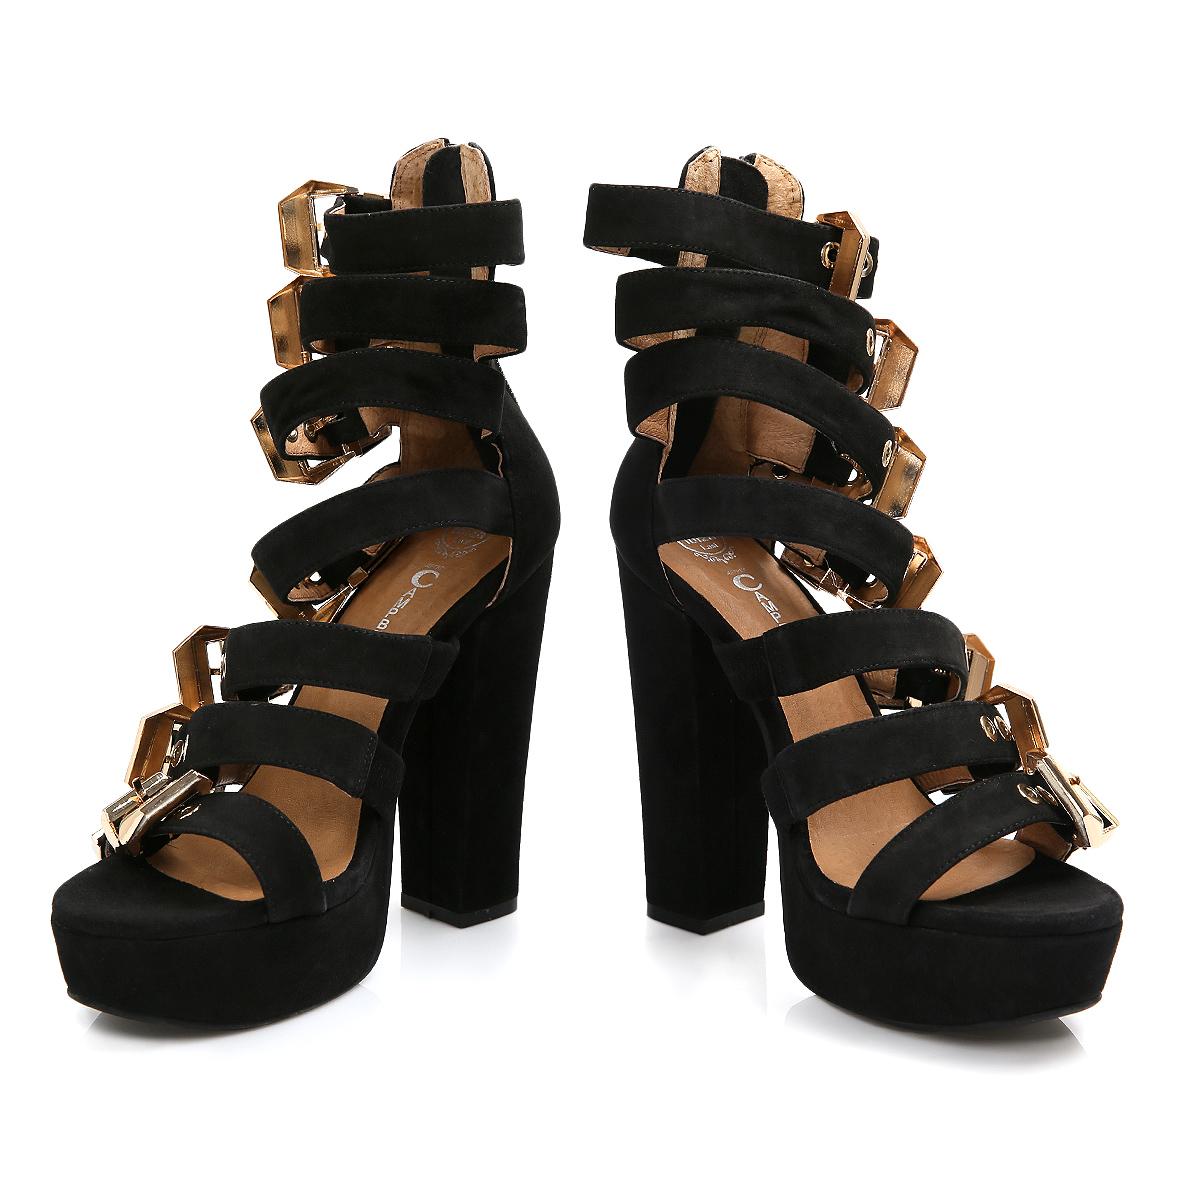 Black Heels With Gold Buckle - Is Heel